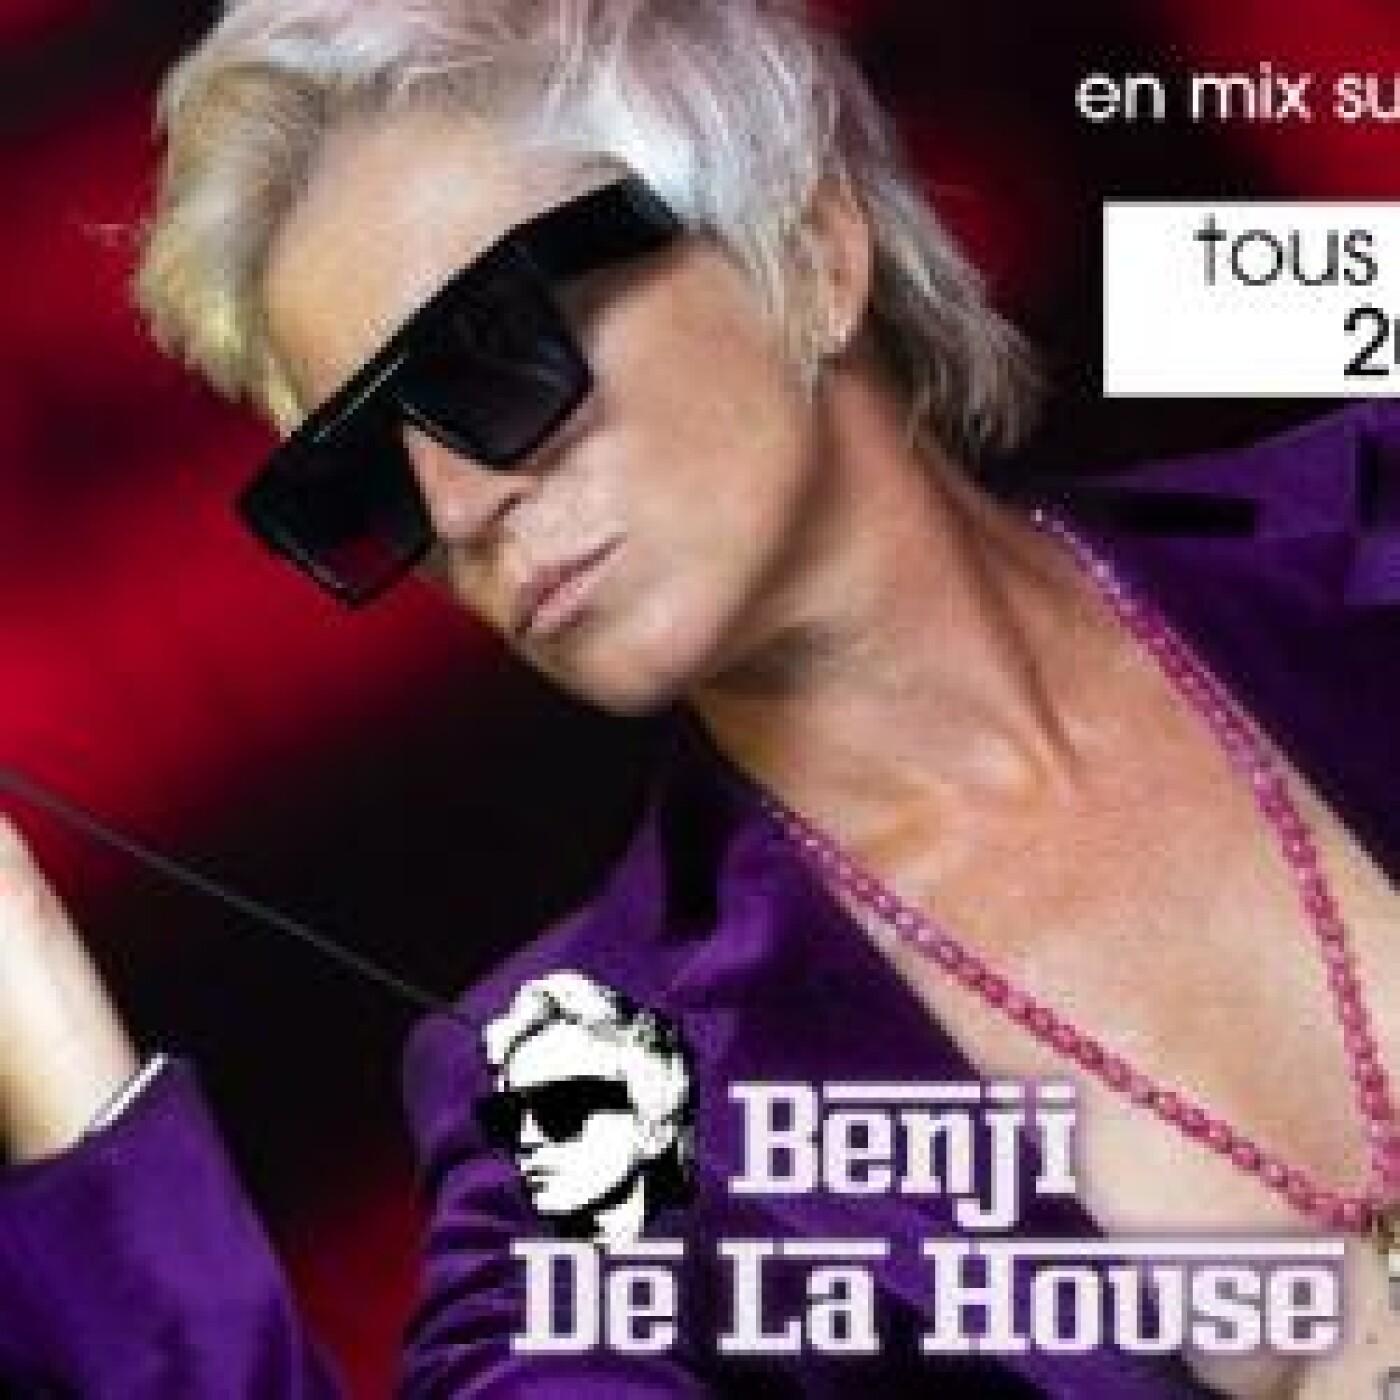 BENJI DE LA HOUSE 25 MAI 2021